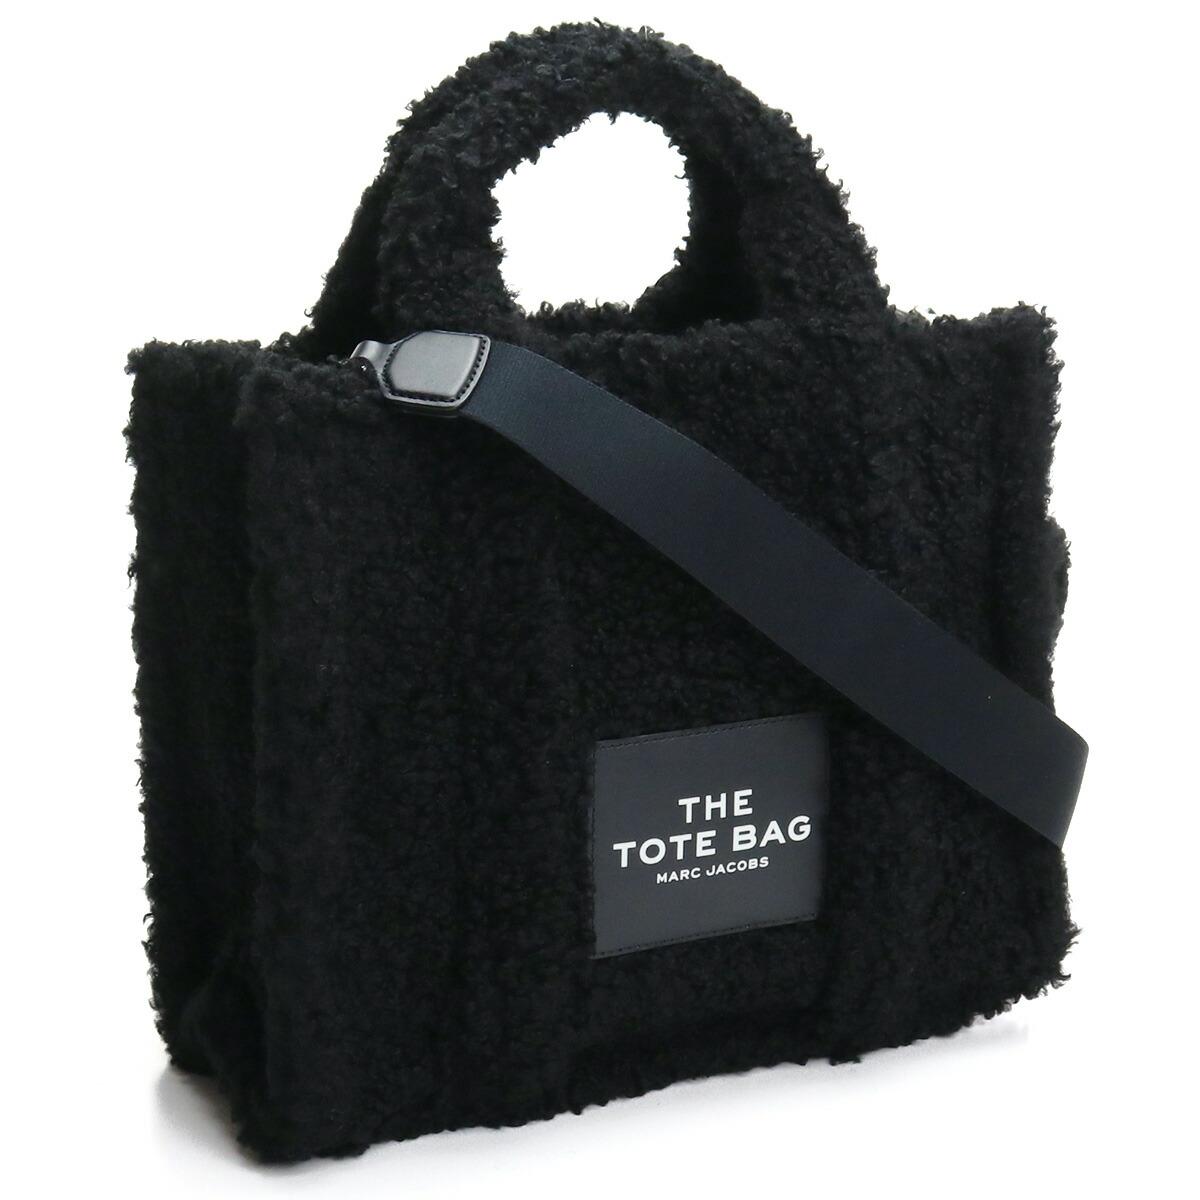 マーク・ジェイコブス MARC JACOBS  トートバッグ ブランドバッグ M0016740 001  ザ テディ THE TEDDY  BLACK ブラック bag-01